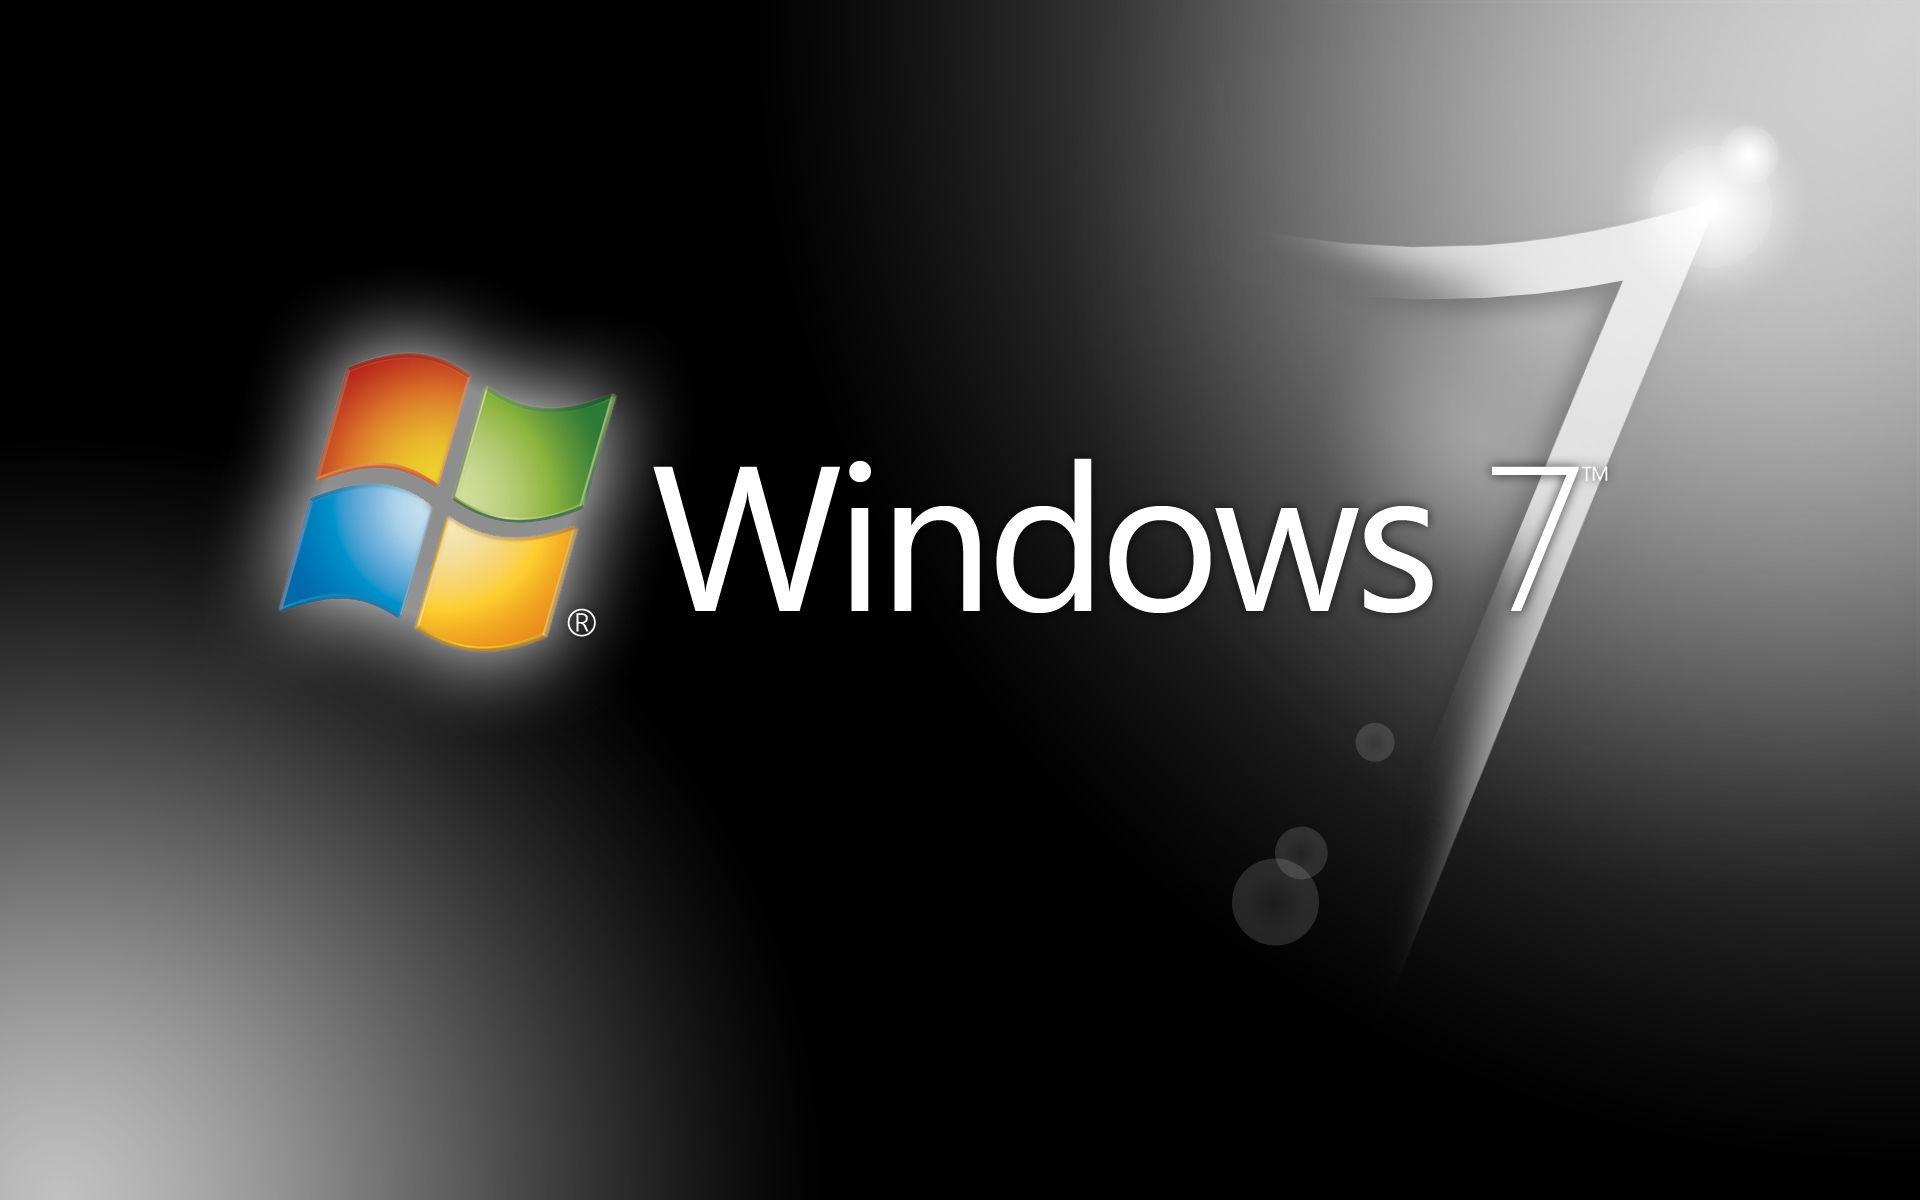 Windows 7 Titan Fond Ecran Lasopastrange